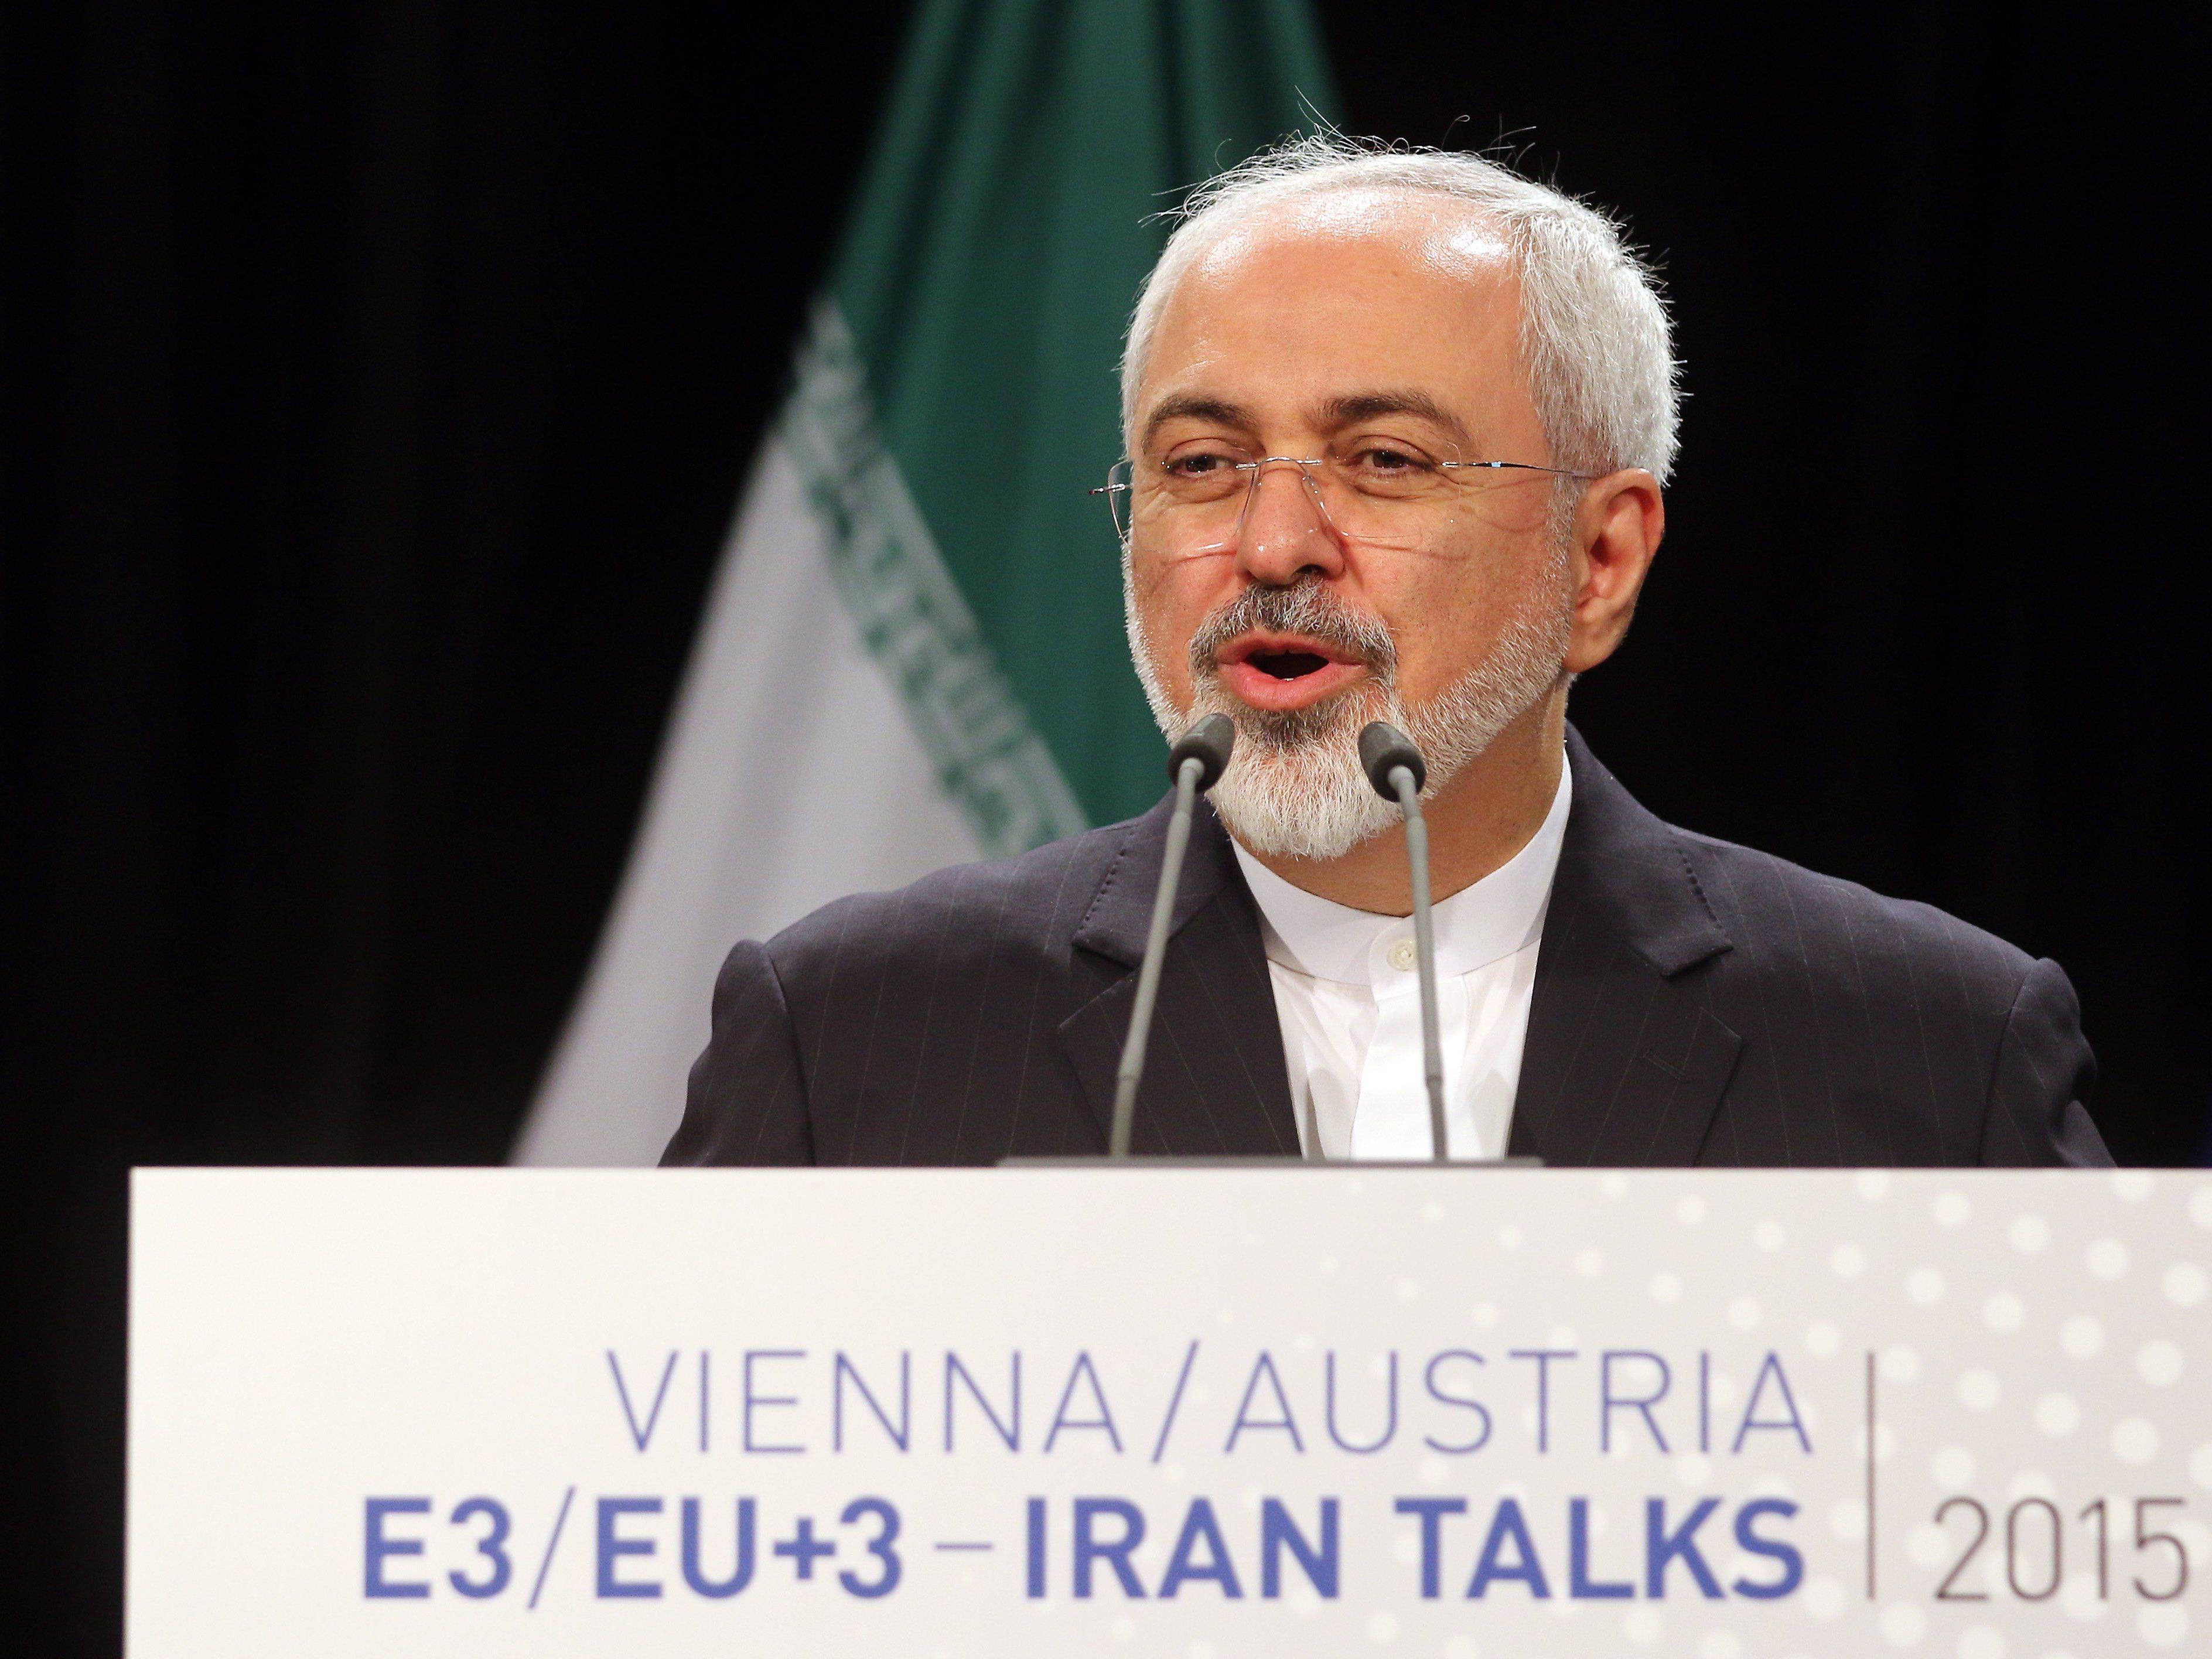 Nach Atom-Deal: UNO macht Weg frei für Aufhebung der Iran-Sanktionen